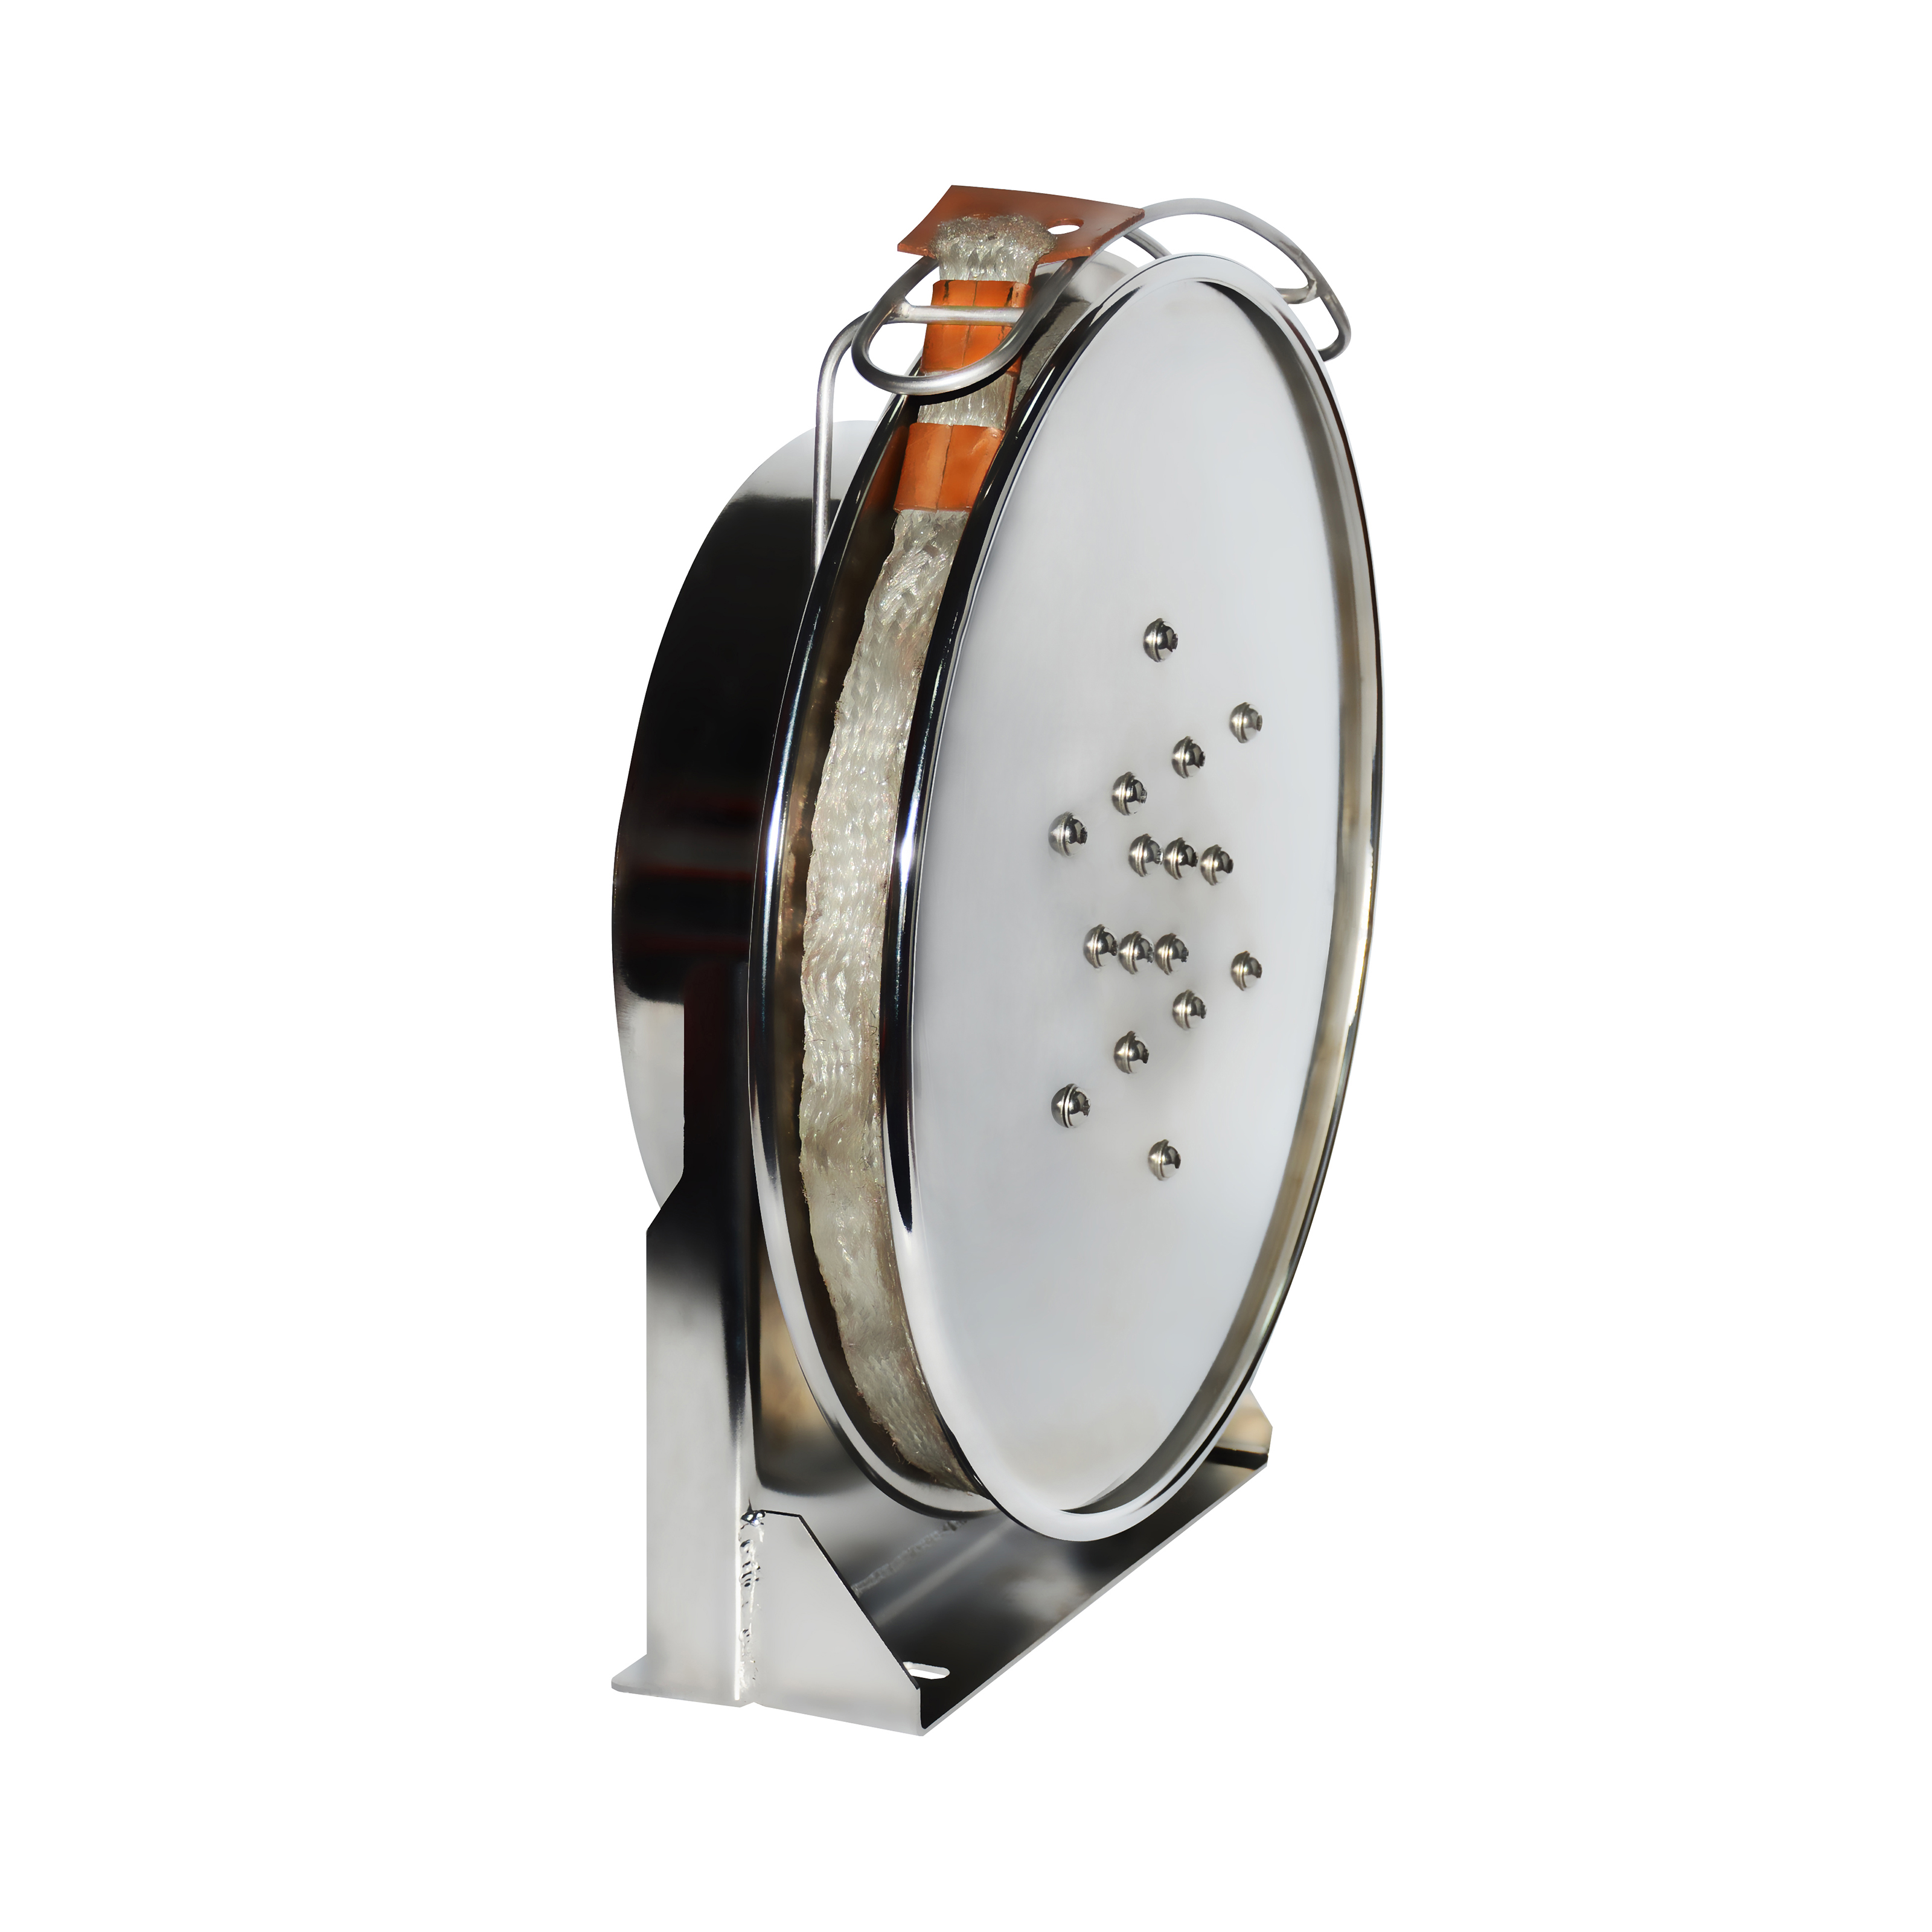 EB460放静电卷盘 油库放静电卷管器 不锈钢卷管器 雷电分流器 电缆卷线器